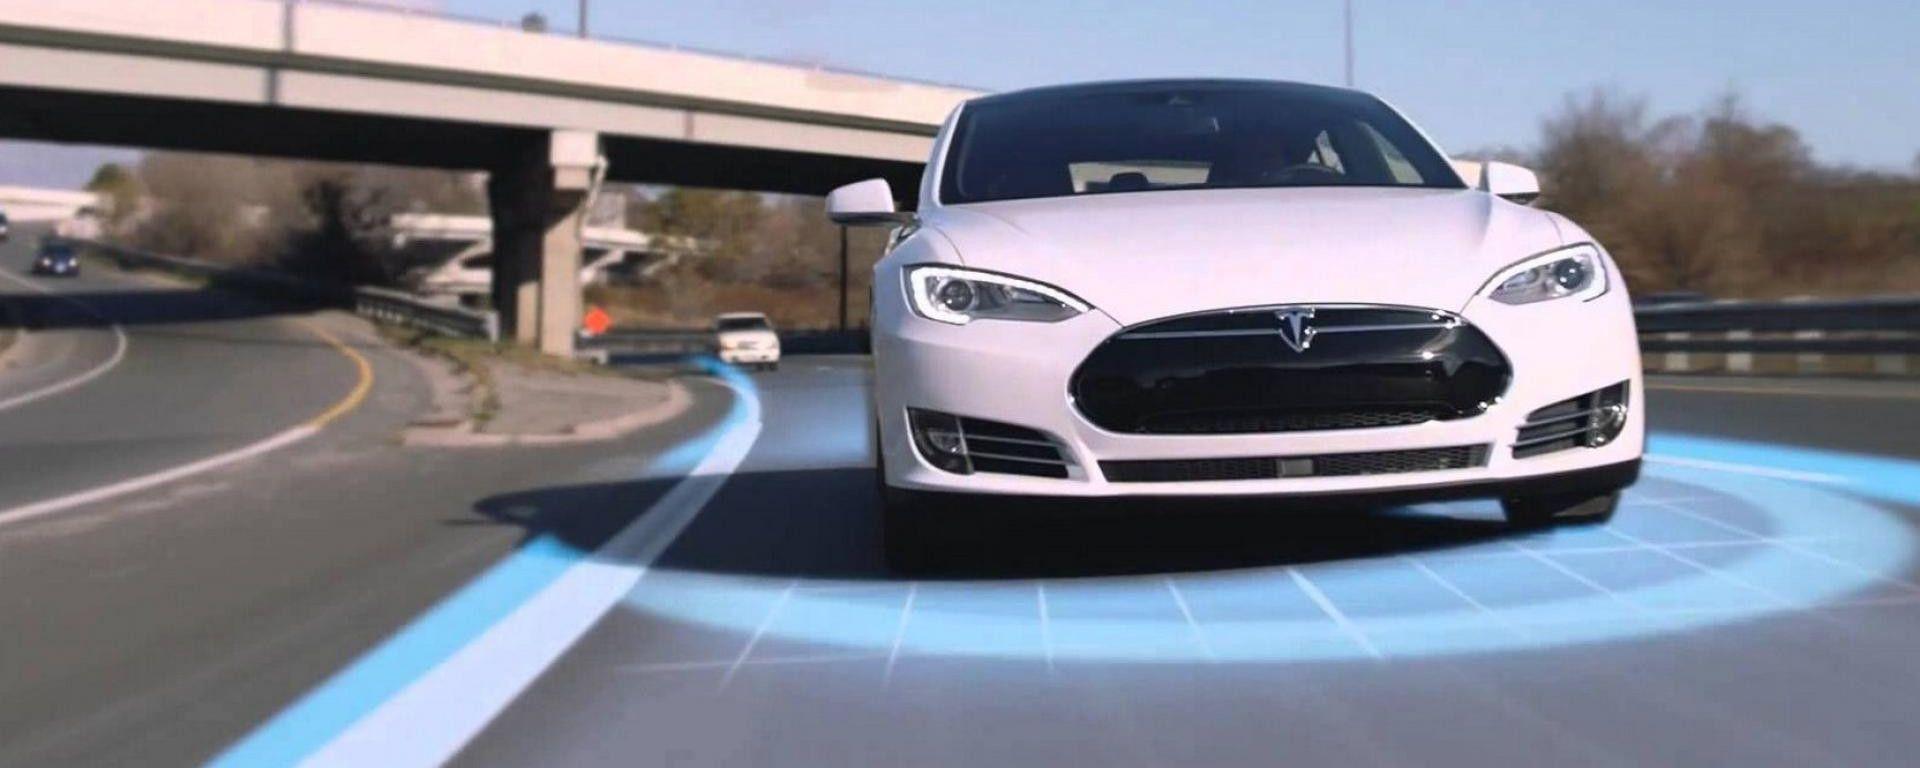 Tesla Autopilot 2020, guida autonoma con restrizioni in Europa ...